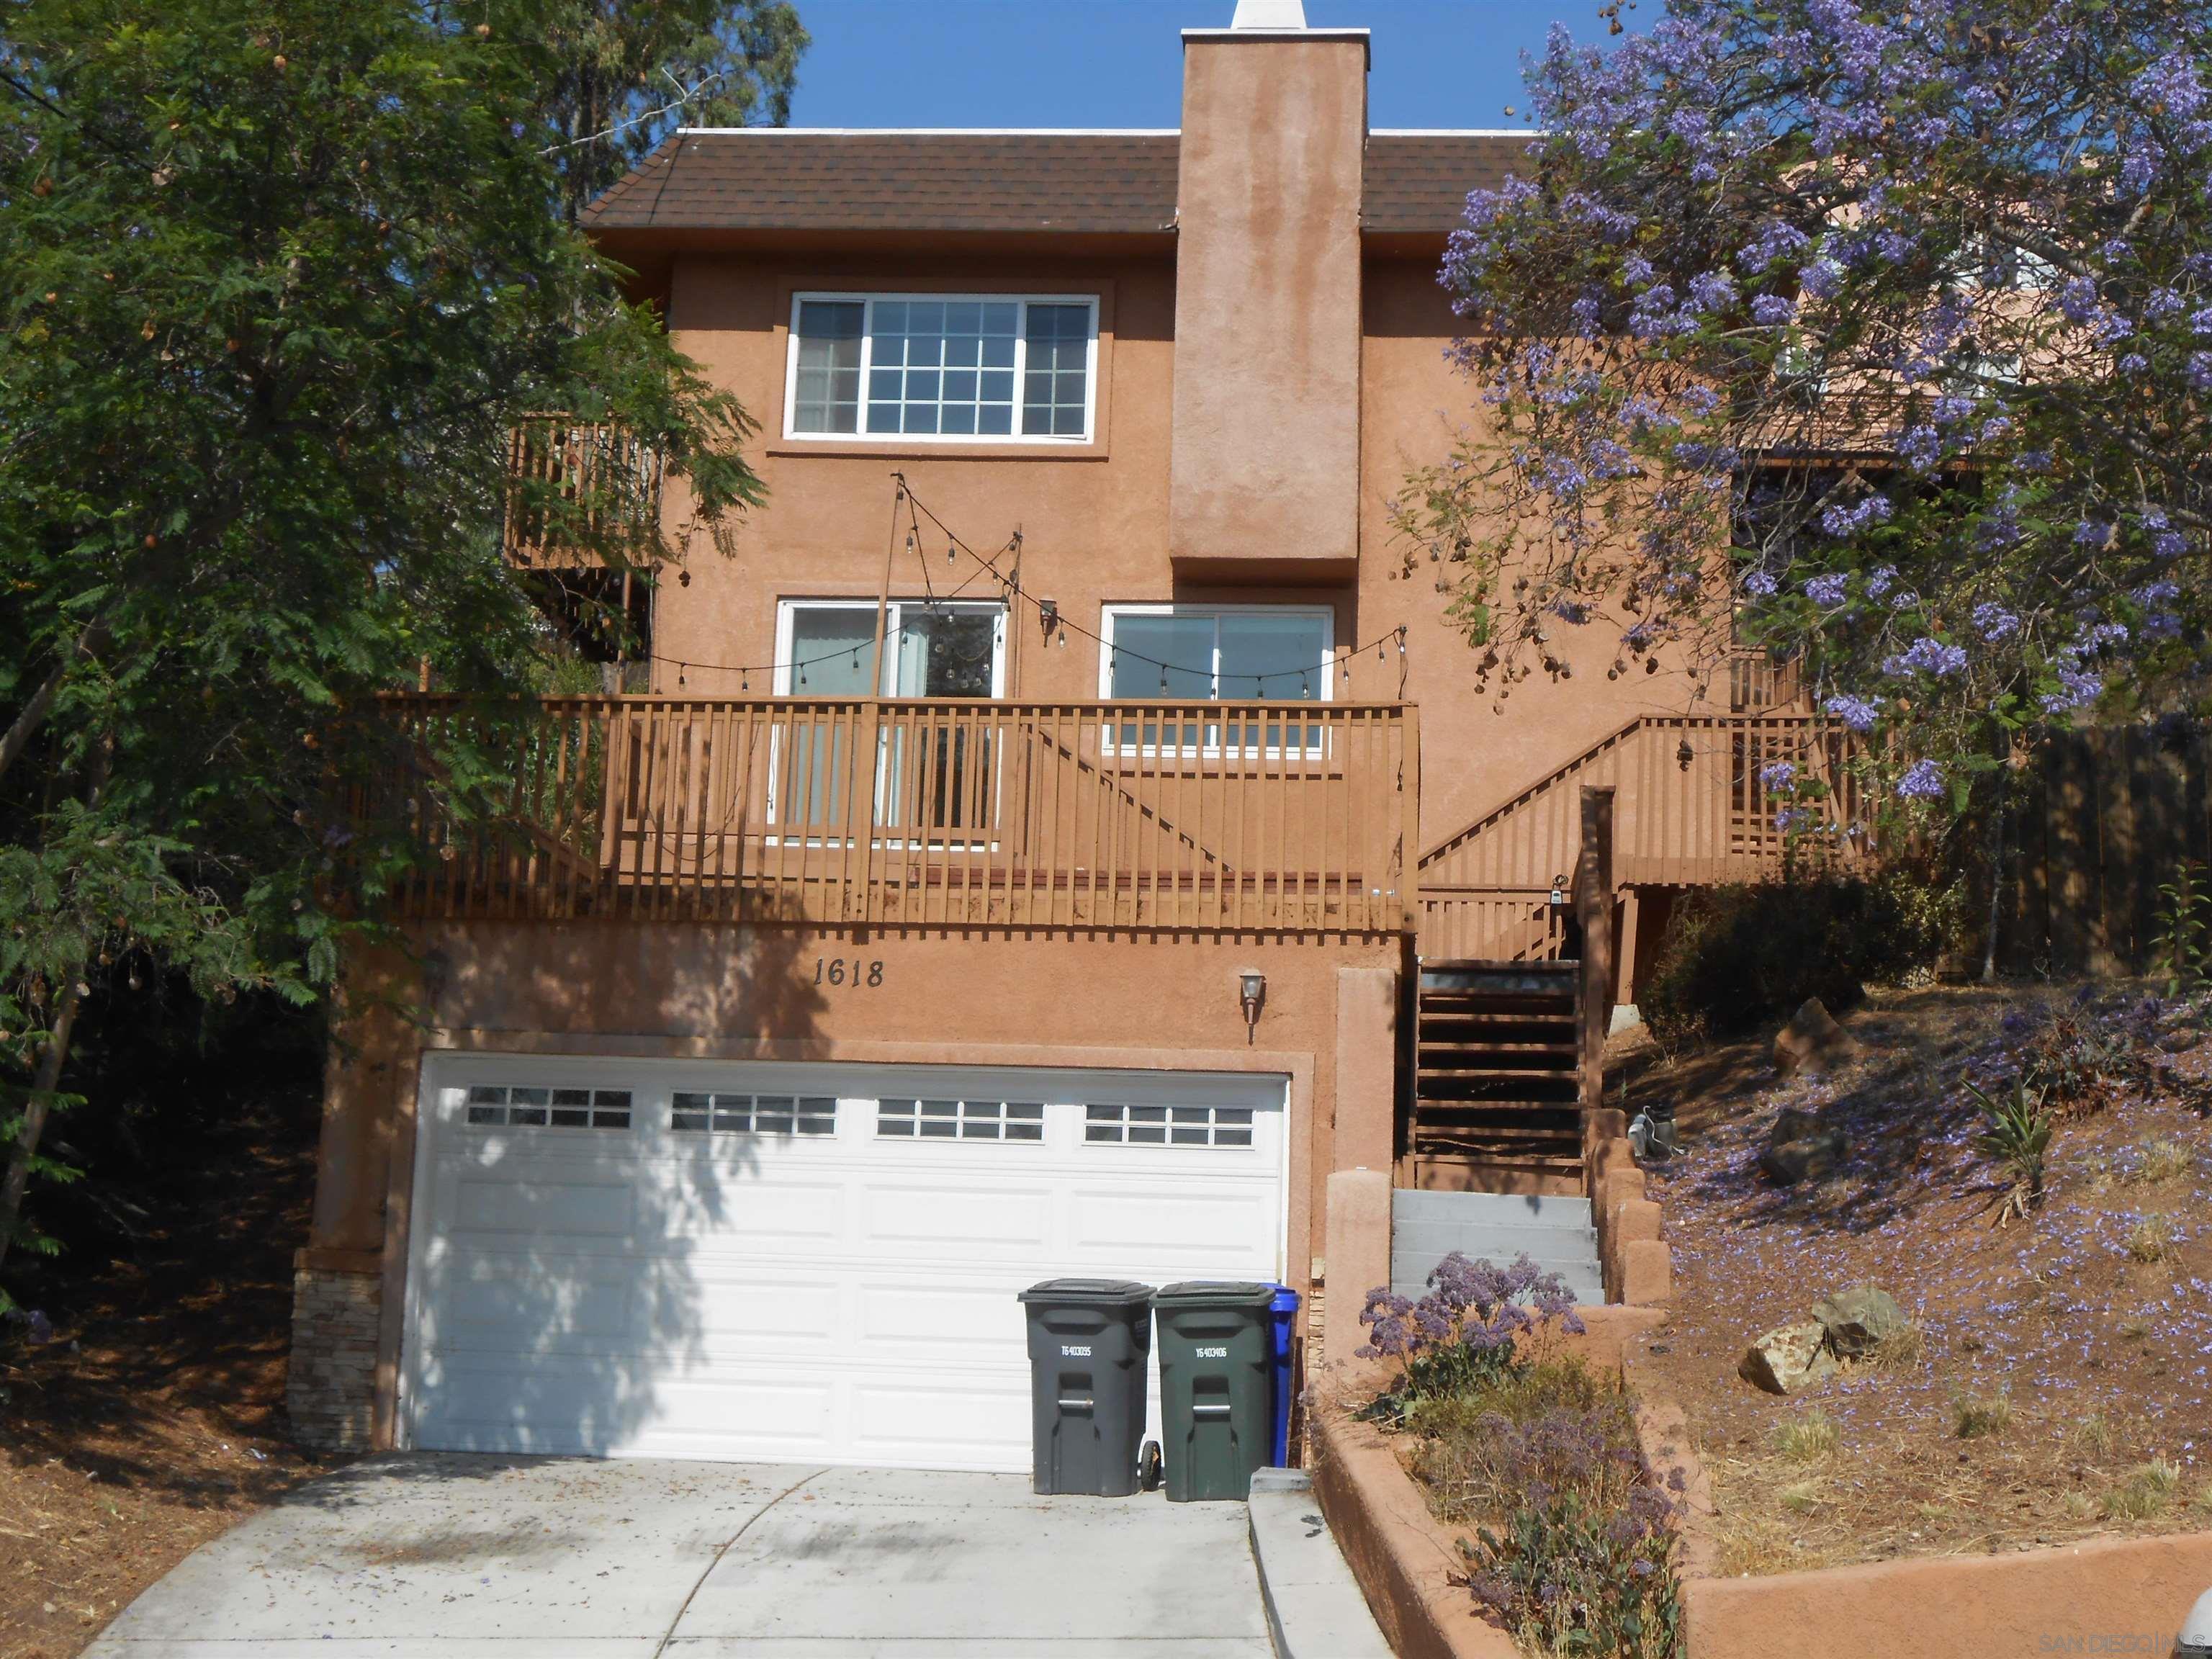 1618 San Miguel, Spring Valley, CA 91977